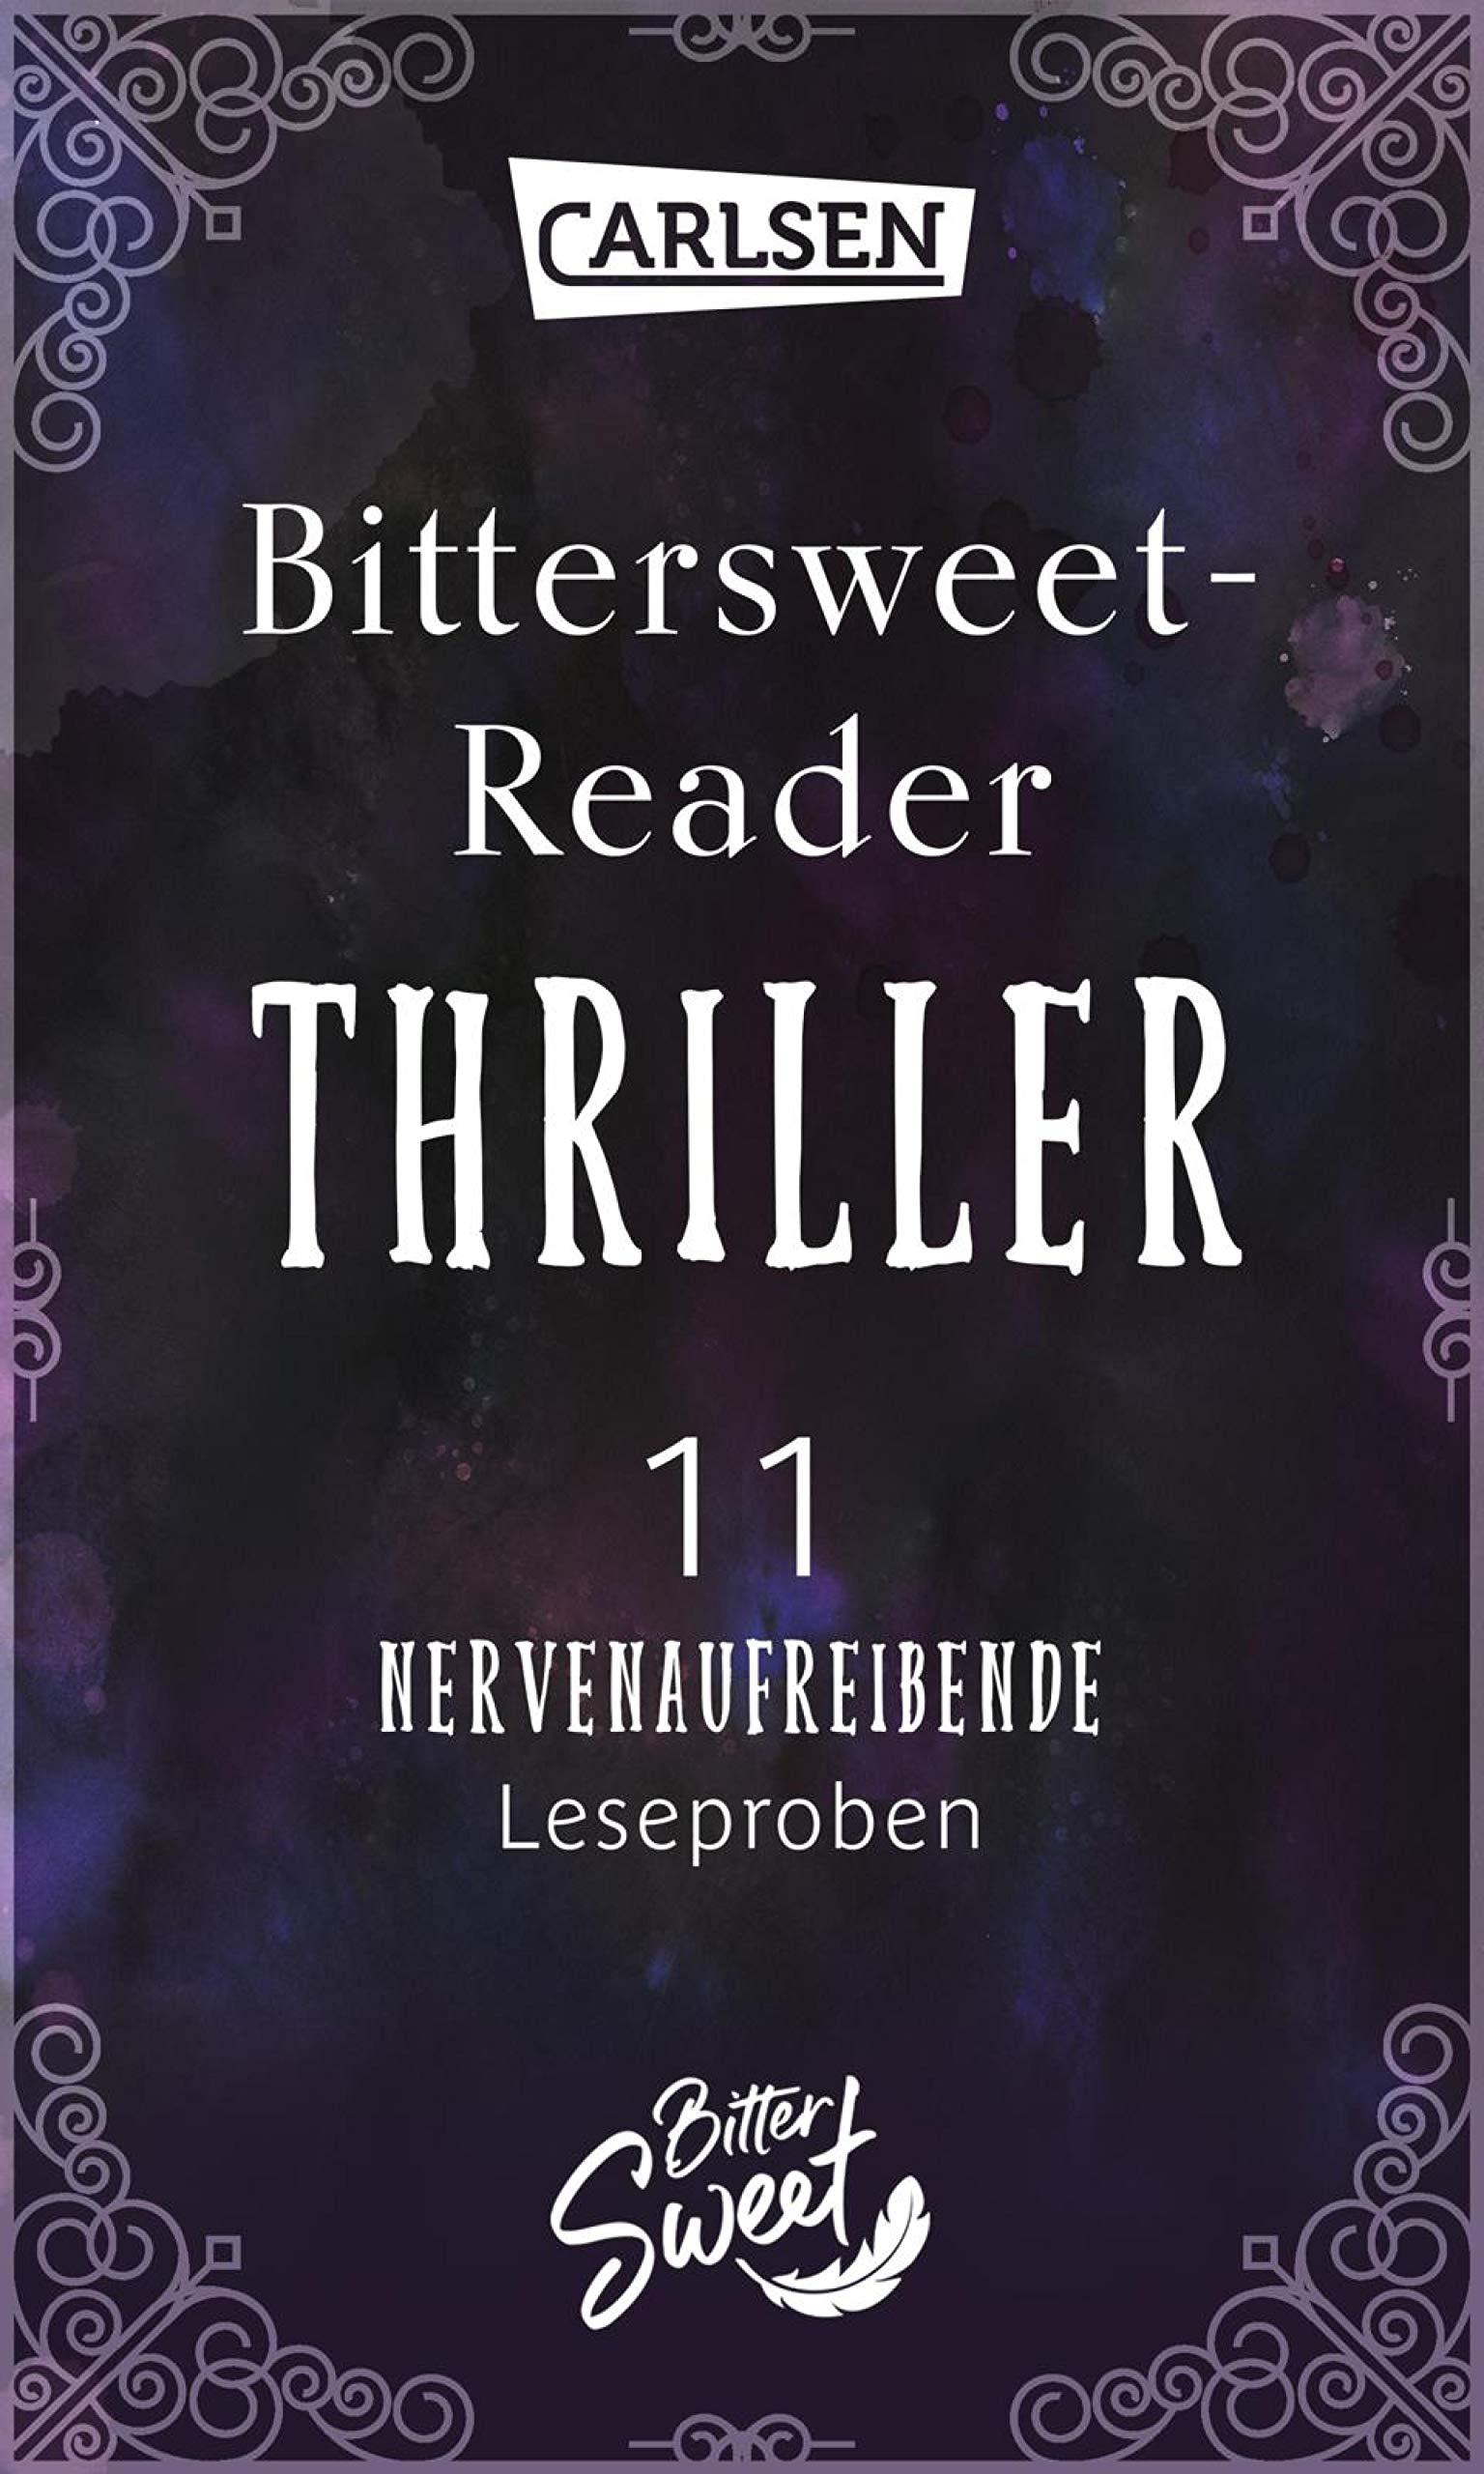 Bittersweet-Reader Thriller: 11 nervenaufreibende Leseproben